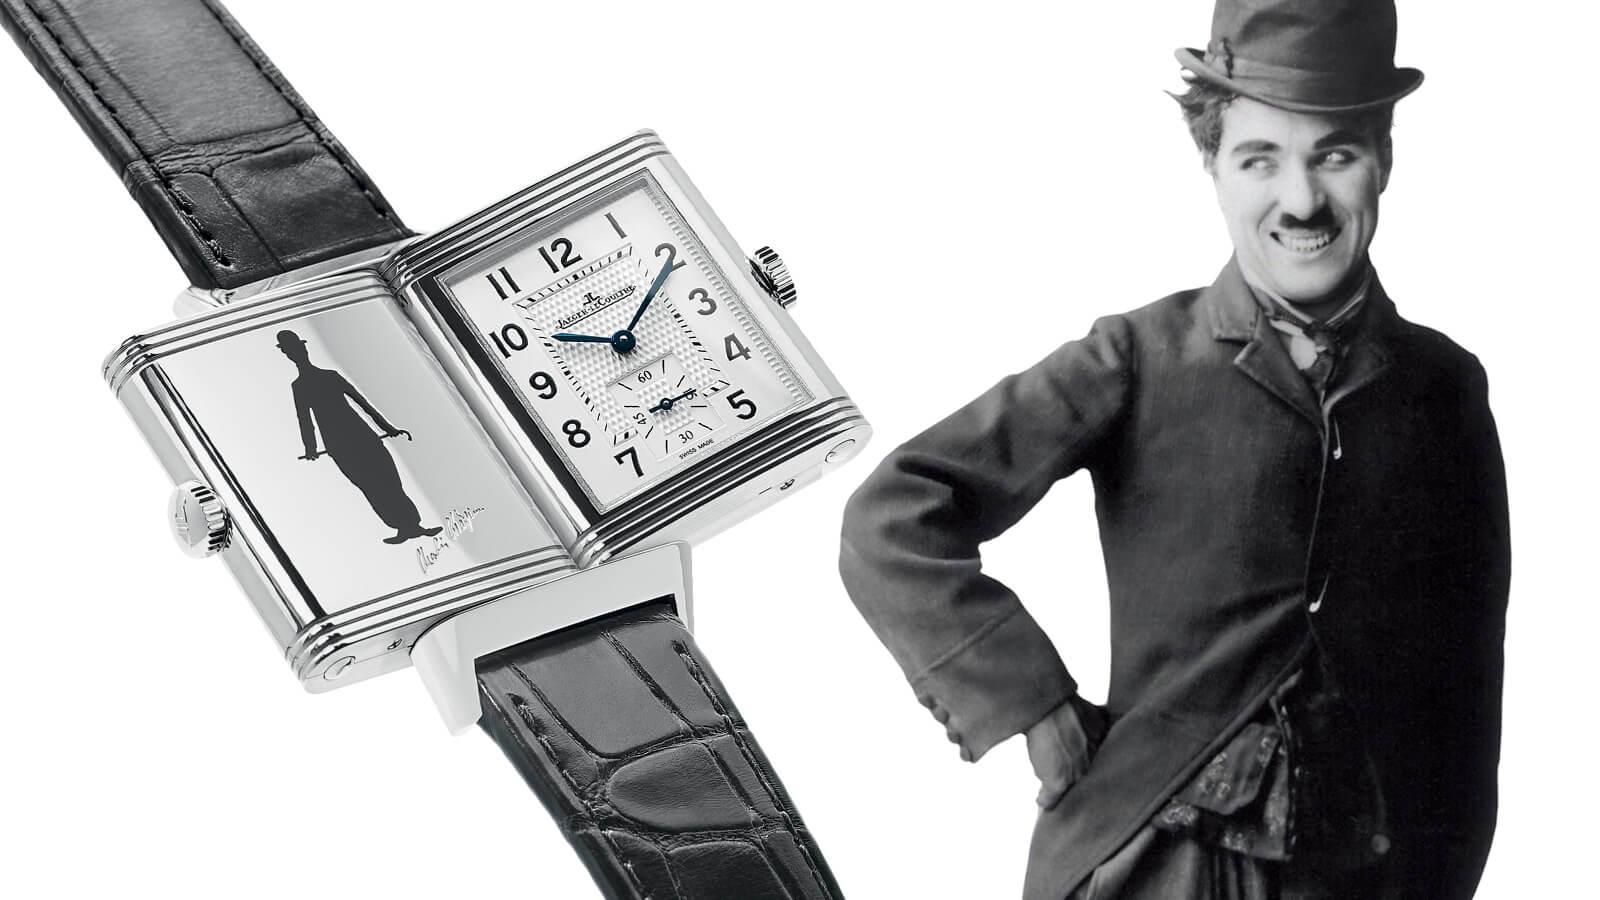 Montre-Reverso-Charlie-Chaplin-Lionel-Meylan-Horlogerie-Joaillerie-Vevey-double-et-Charlie-Chaplin-credit-ubbles-Inc.-S.A.